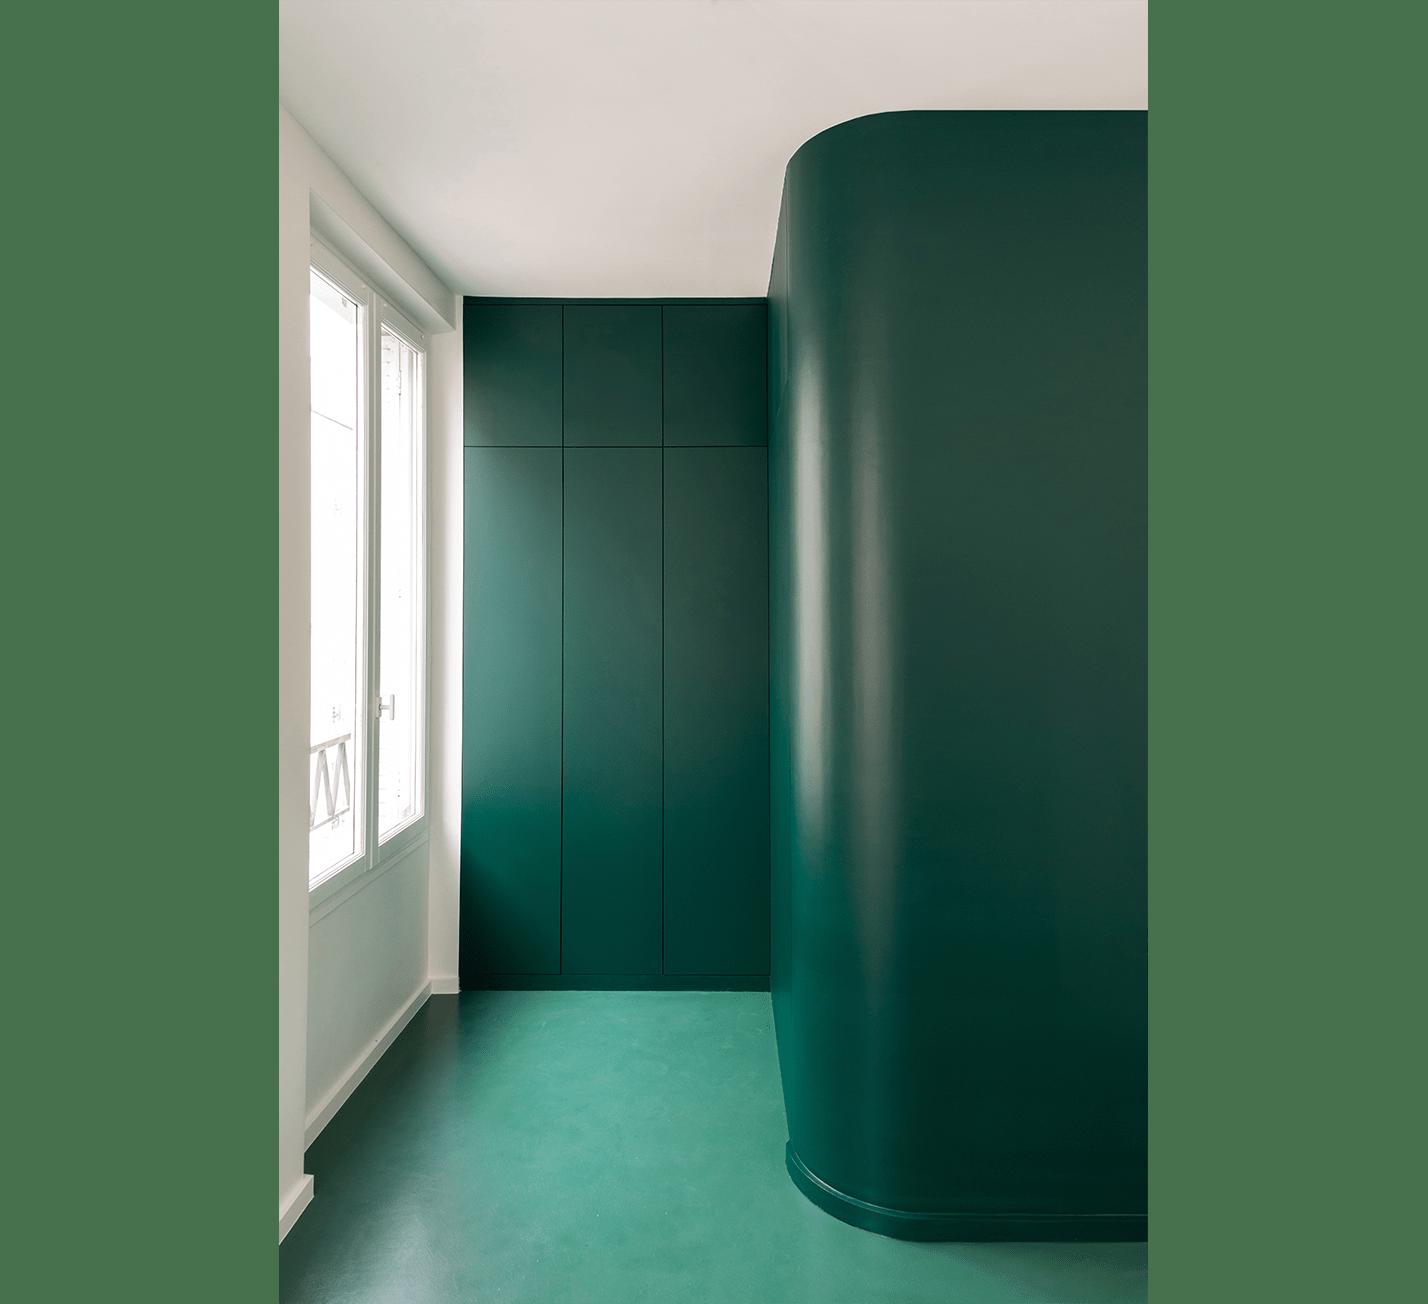 Projet-Georges-Atelier-Steve-Pauline-Borgia-Architecte-interieur-06-min